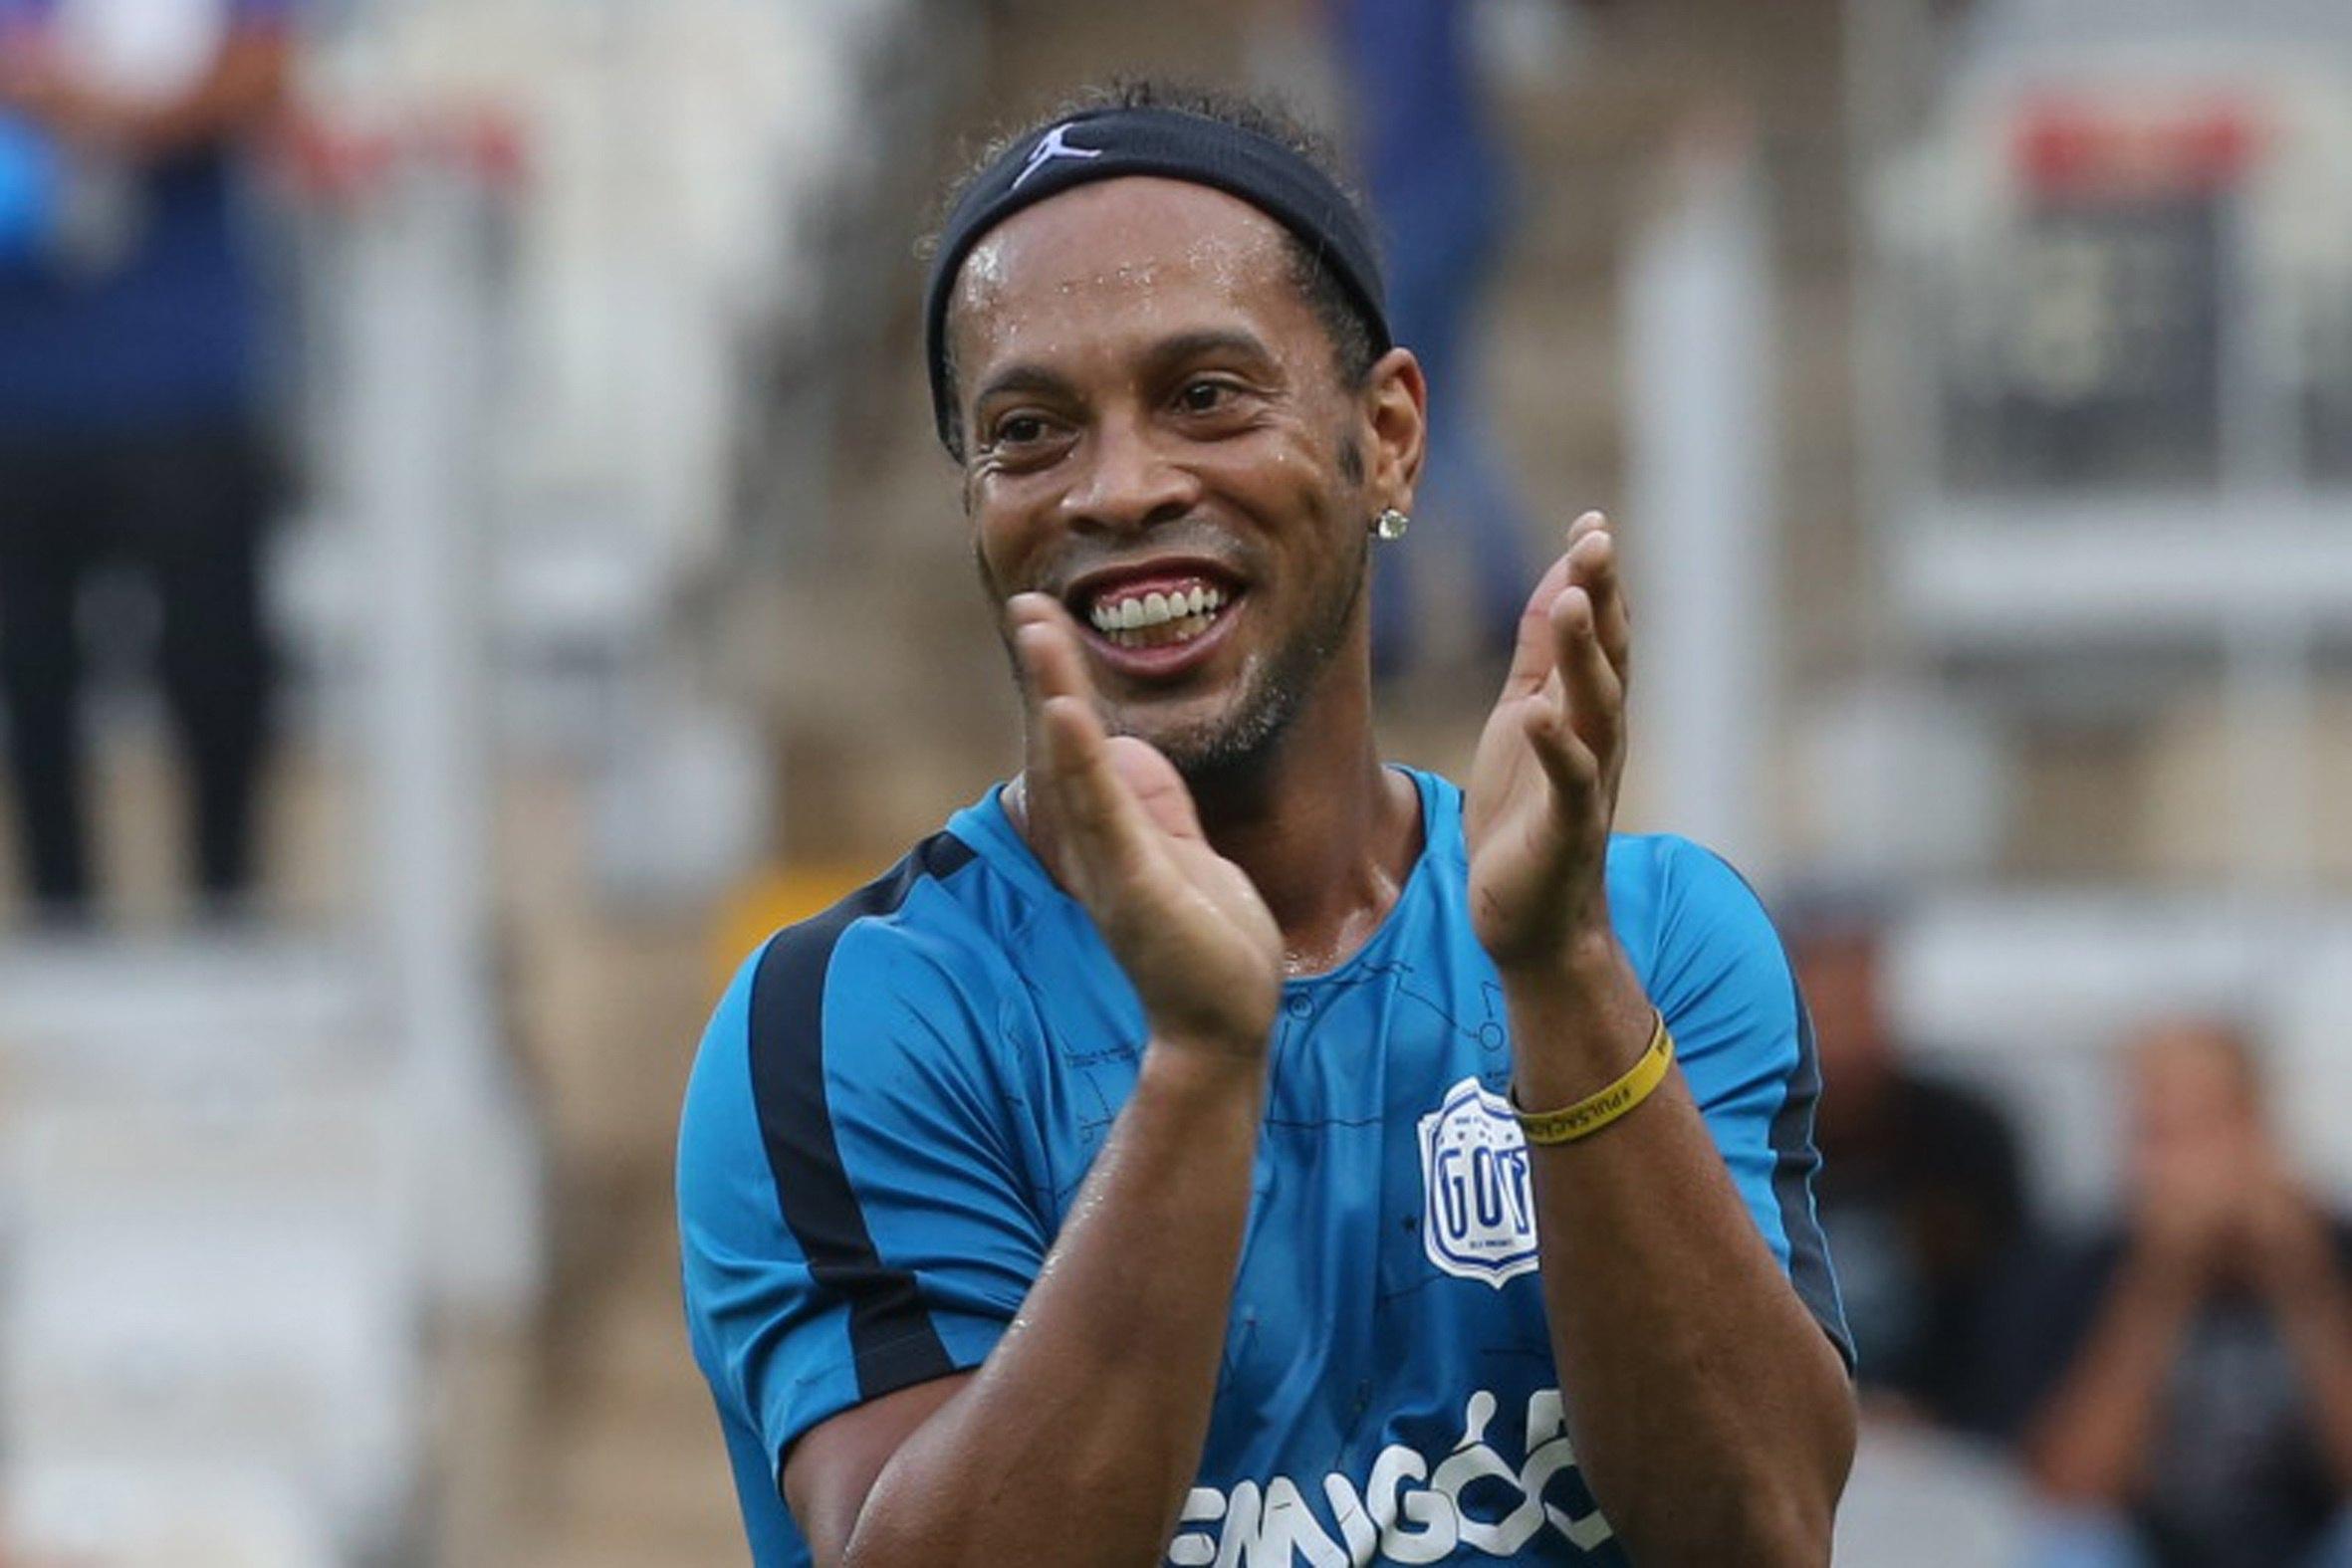 Ronaldinho fa doppietta: si sposa con due donne?